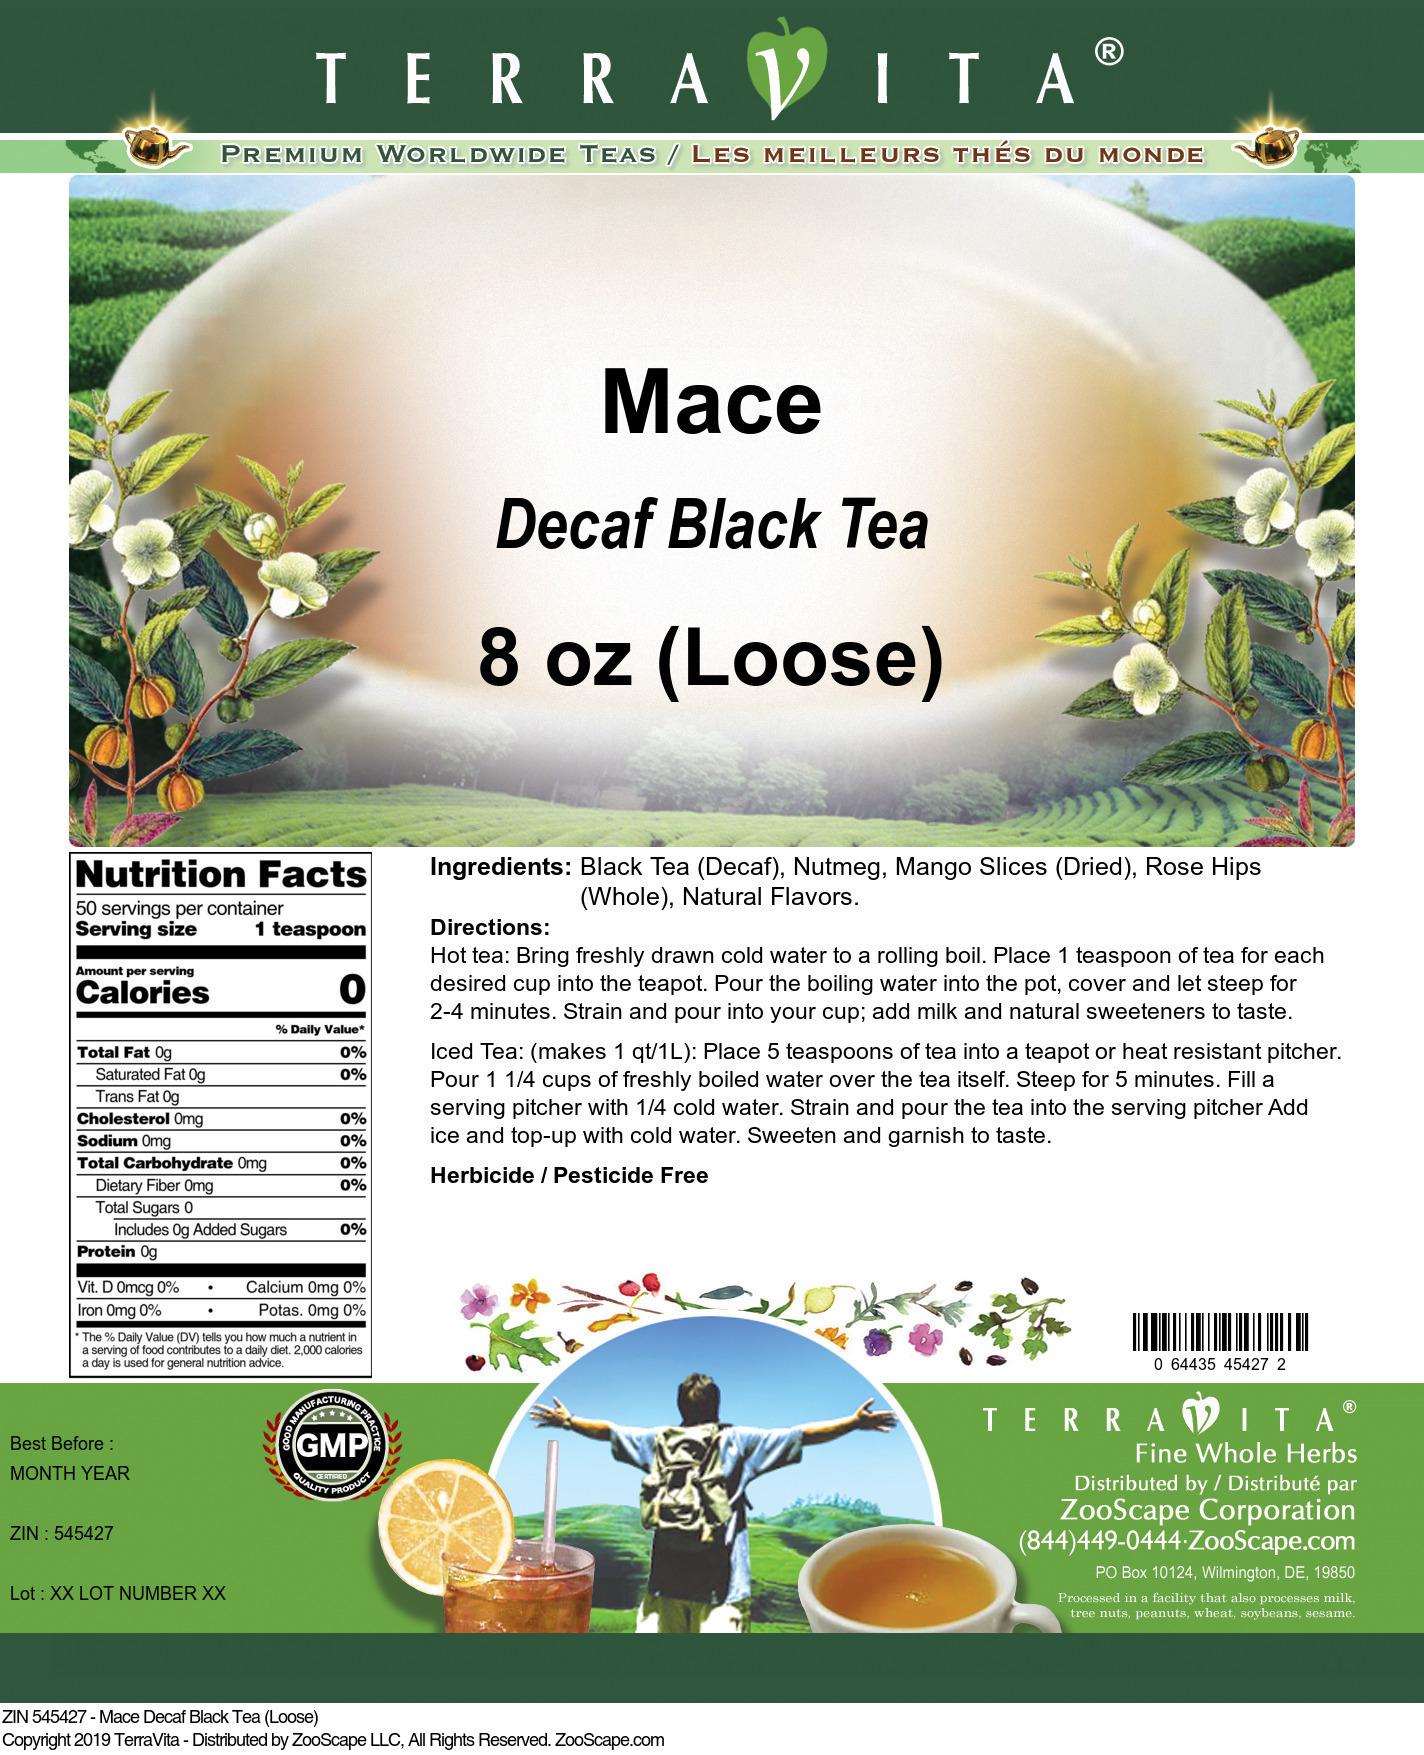 Mace Decaf Black Tea (Loose)